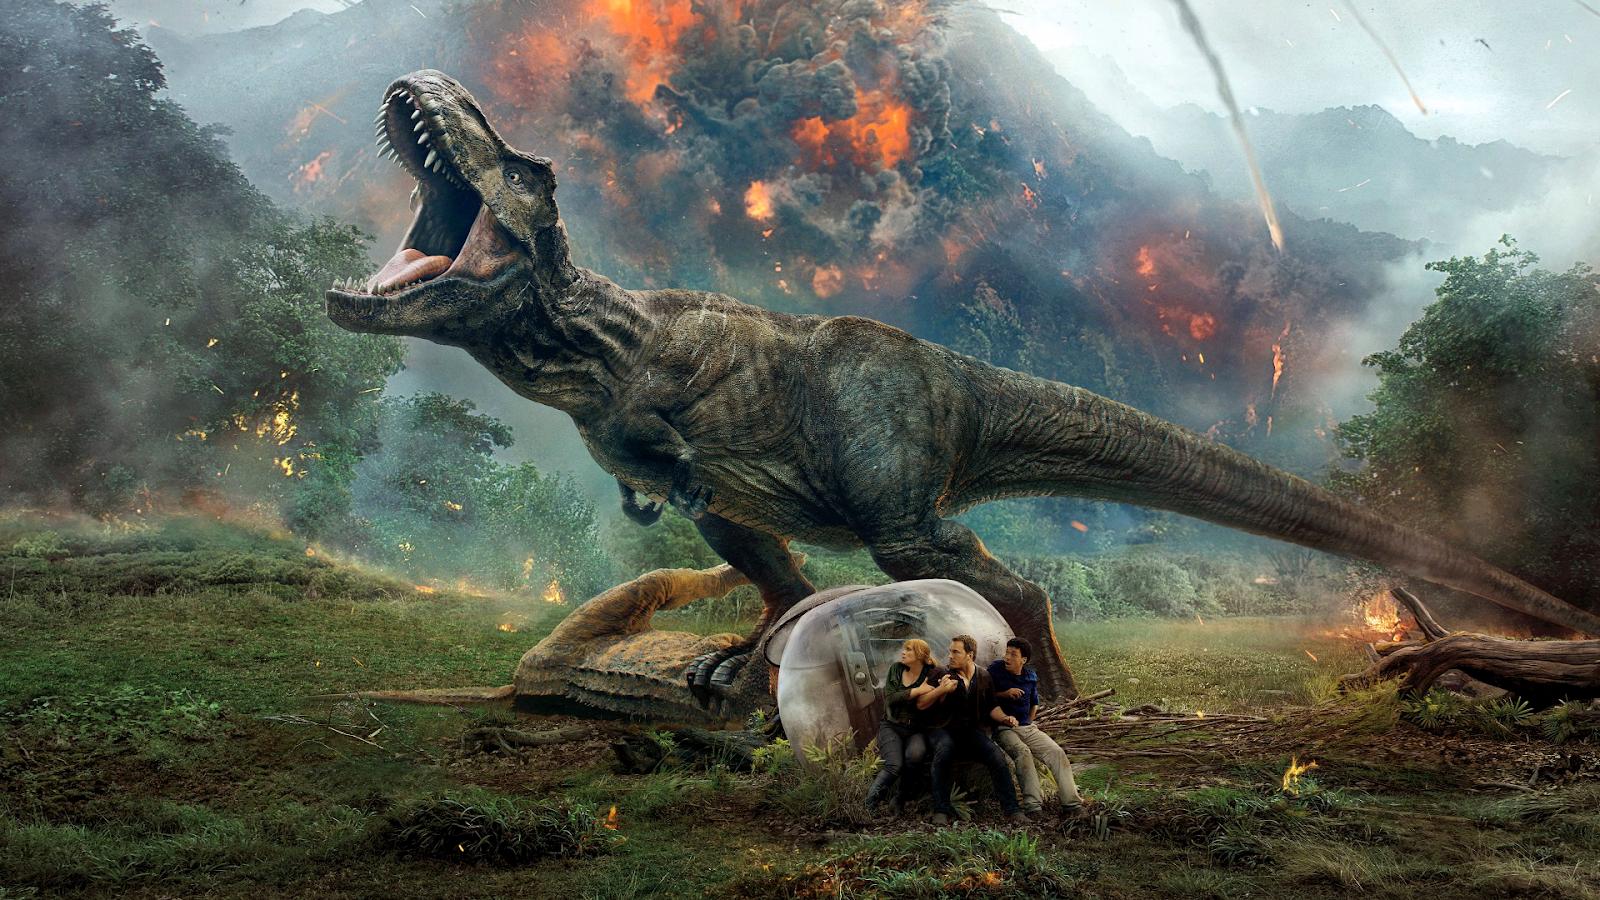 Jurassic World Fallen Kingdom - 1920X1080 Wallpapers -7585